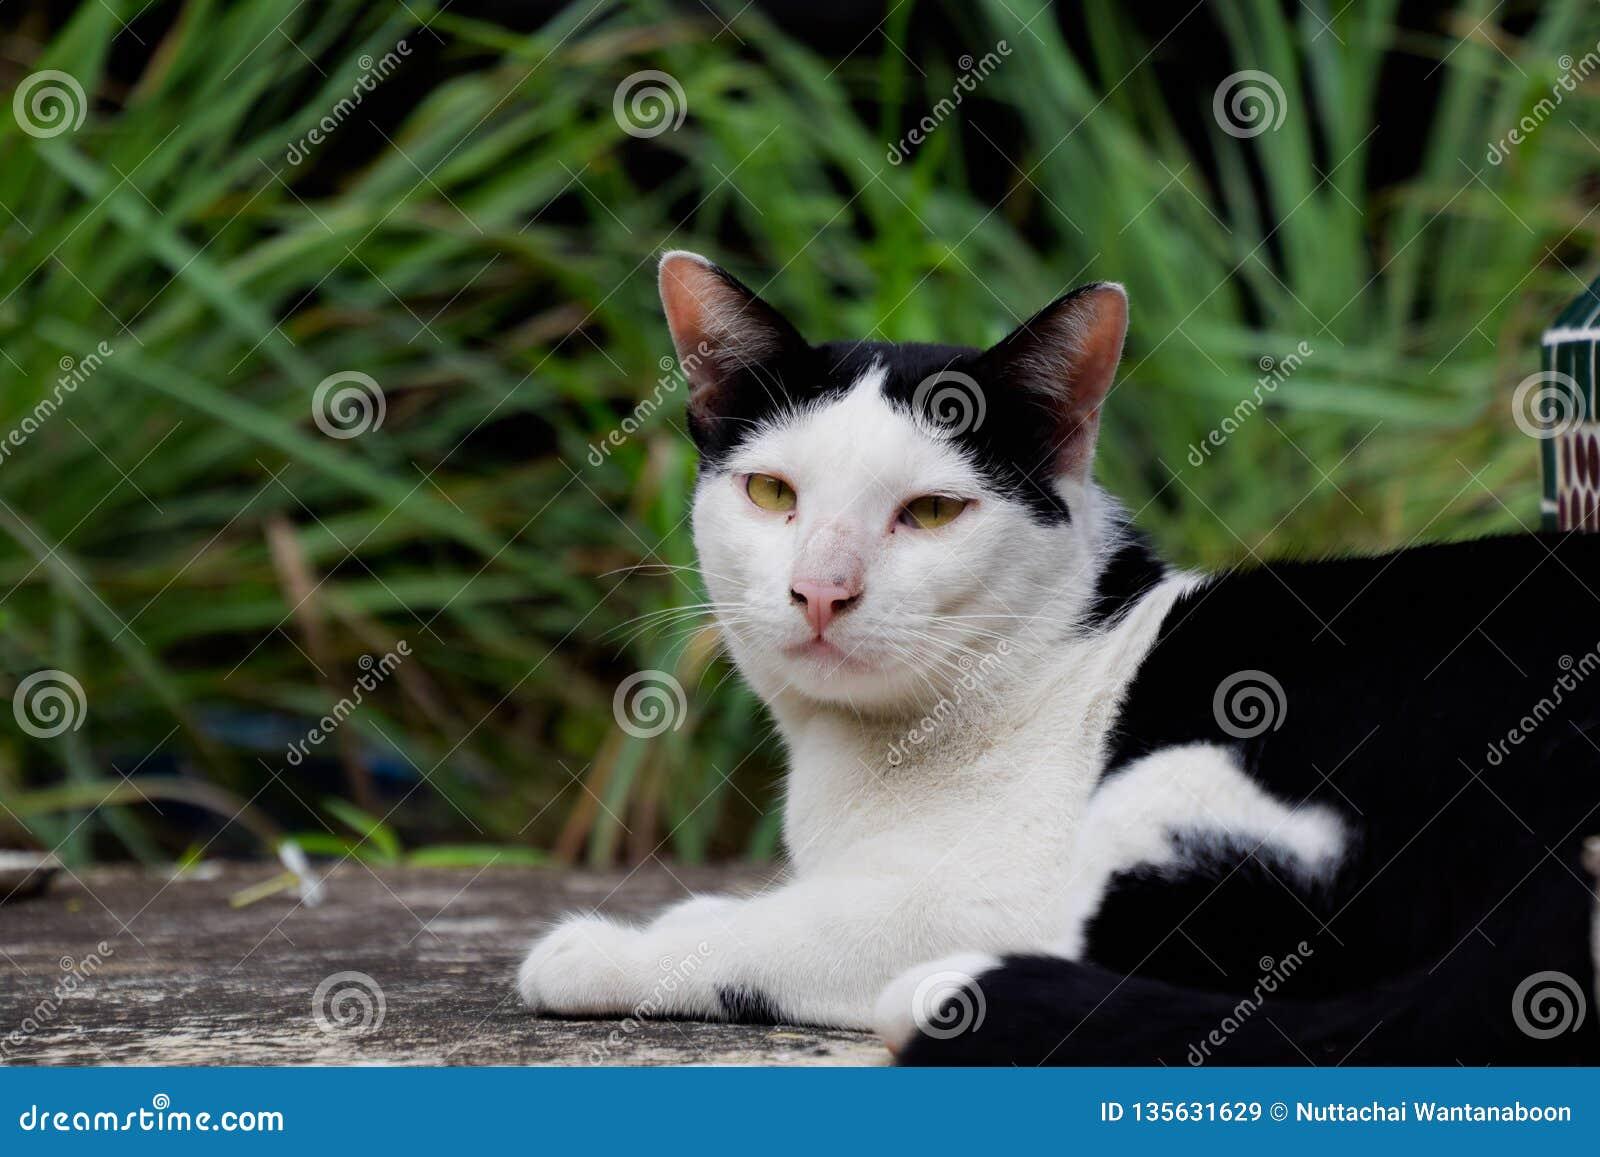 Black feline white